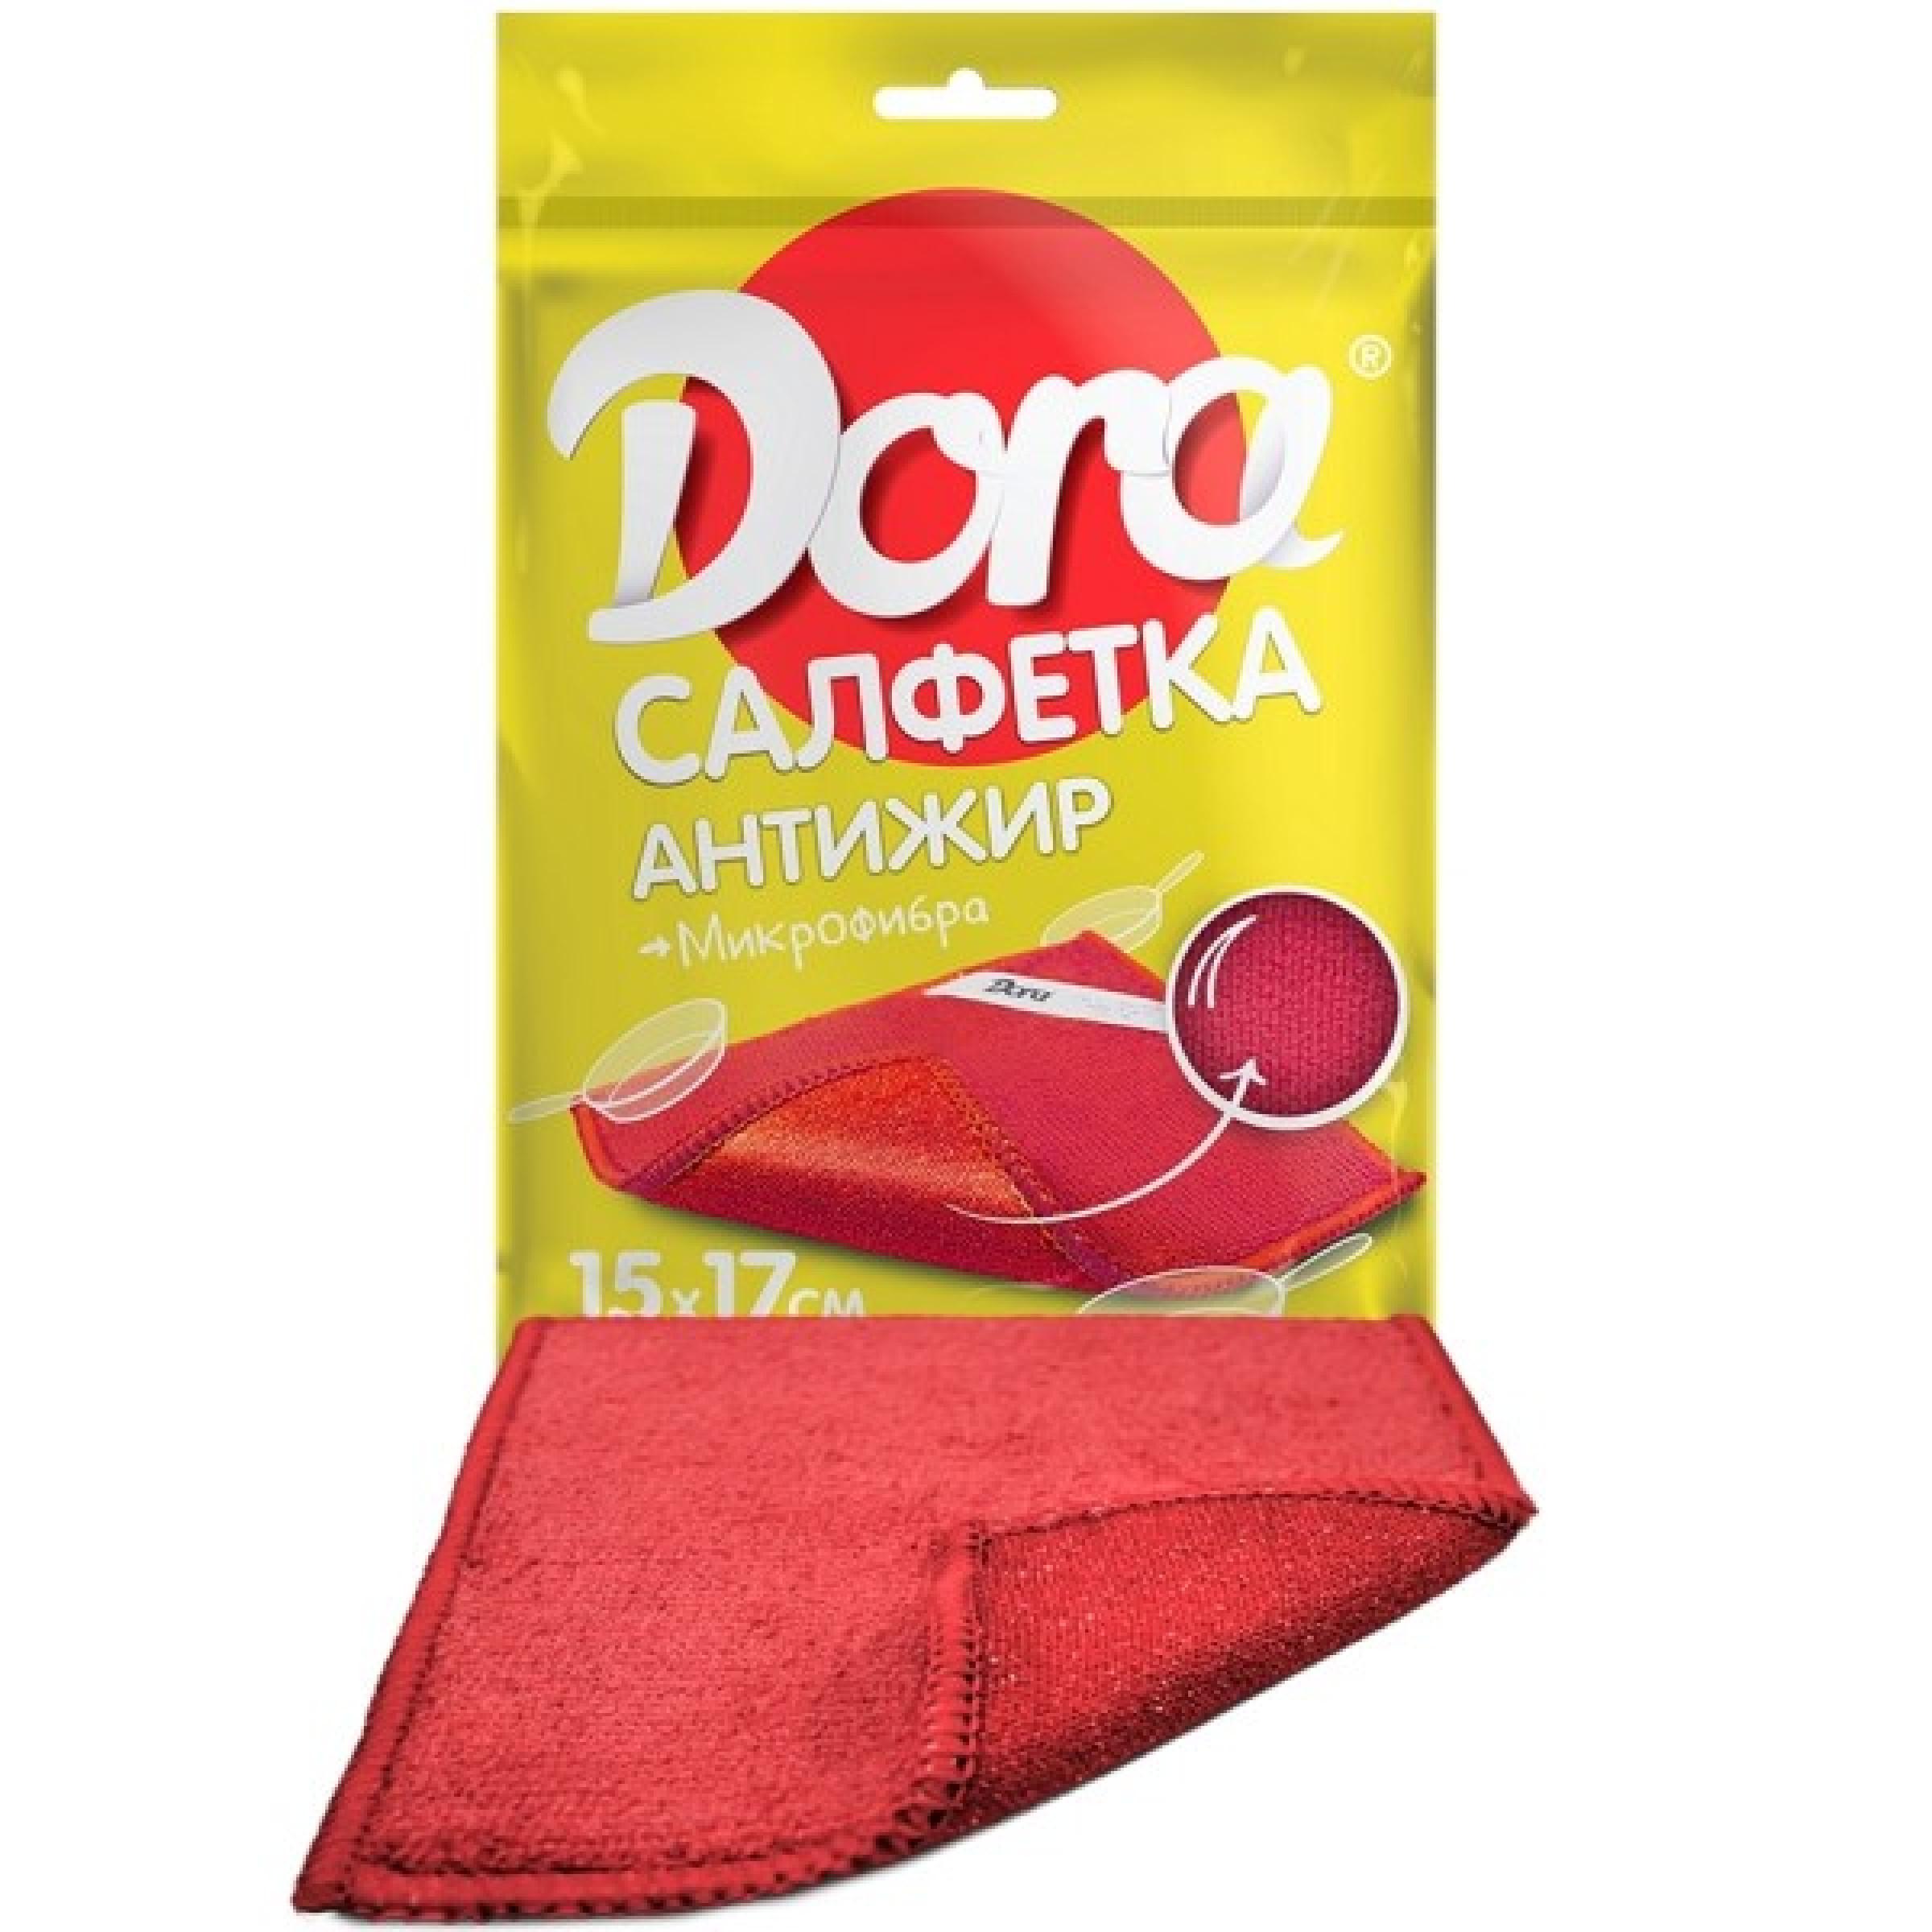 Салфетка Dora из микрофибры антижир, 15см х 17см